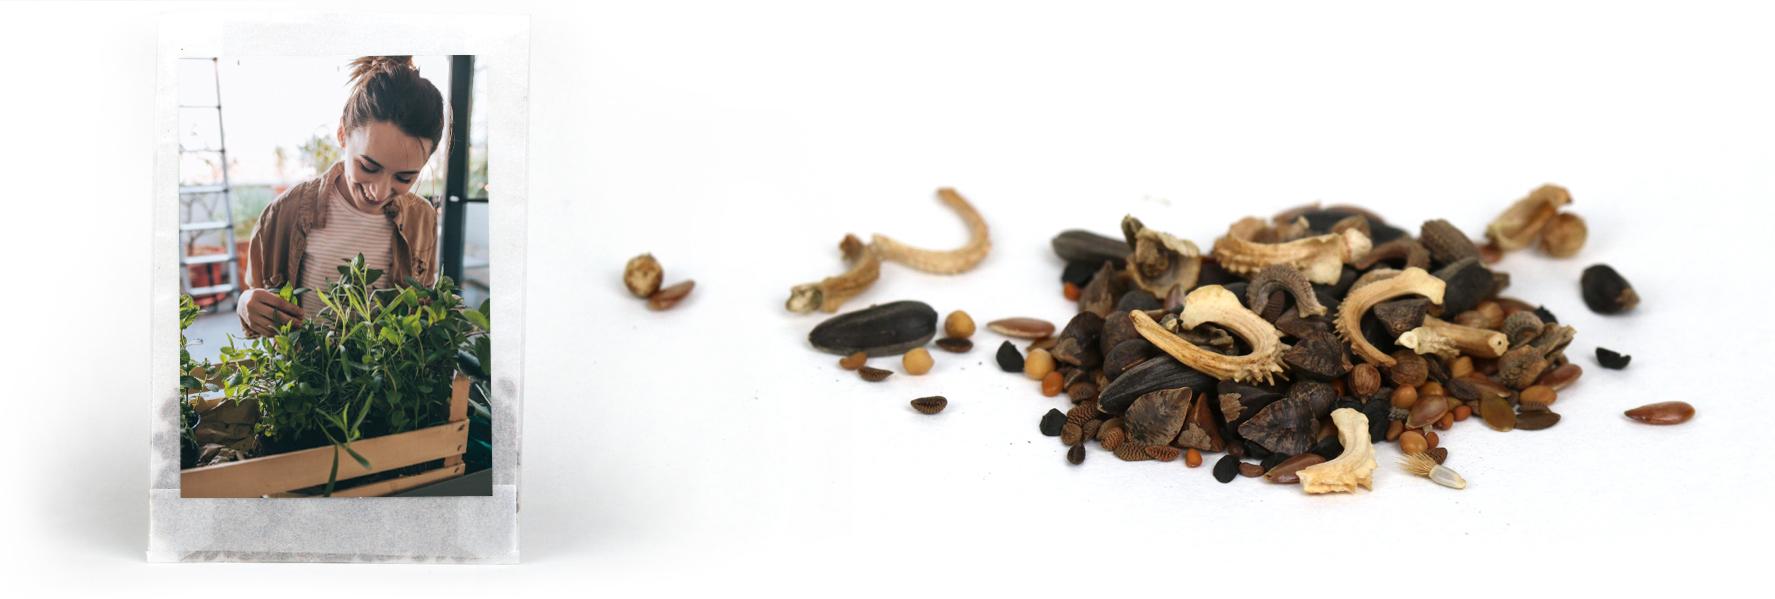 Beispiel von einem Samentütchen